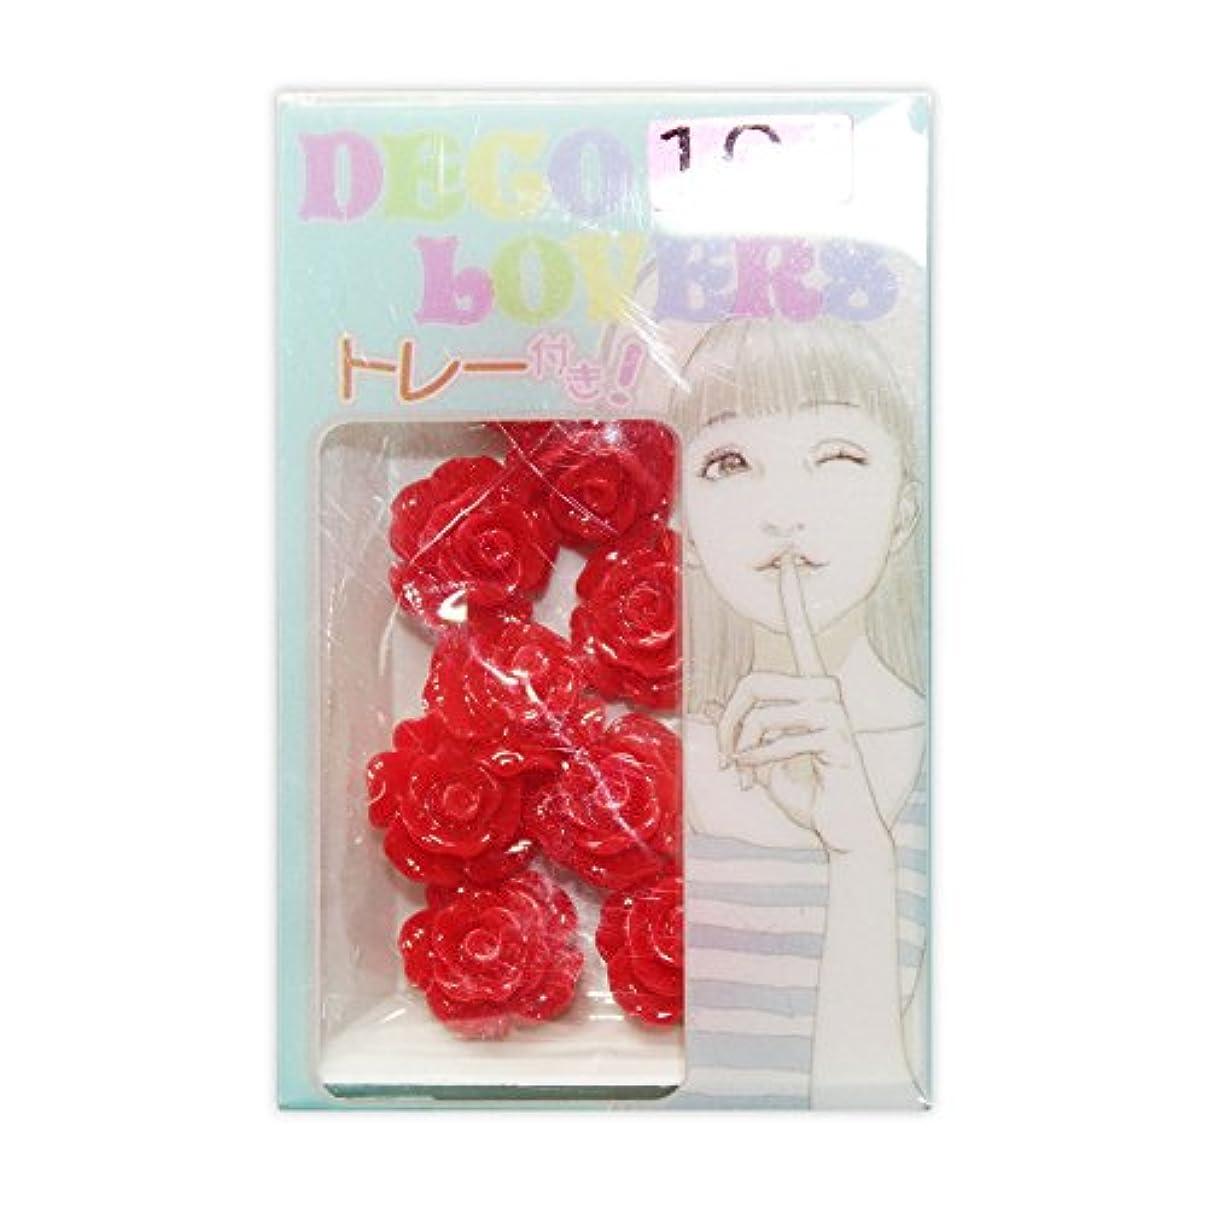 タイトルスプーン自動化ラインストーン DL017/flower rosem red